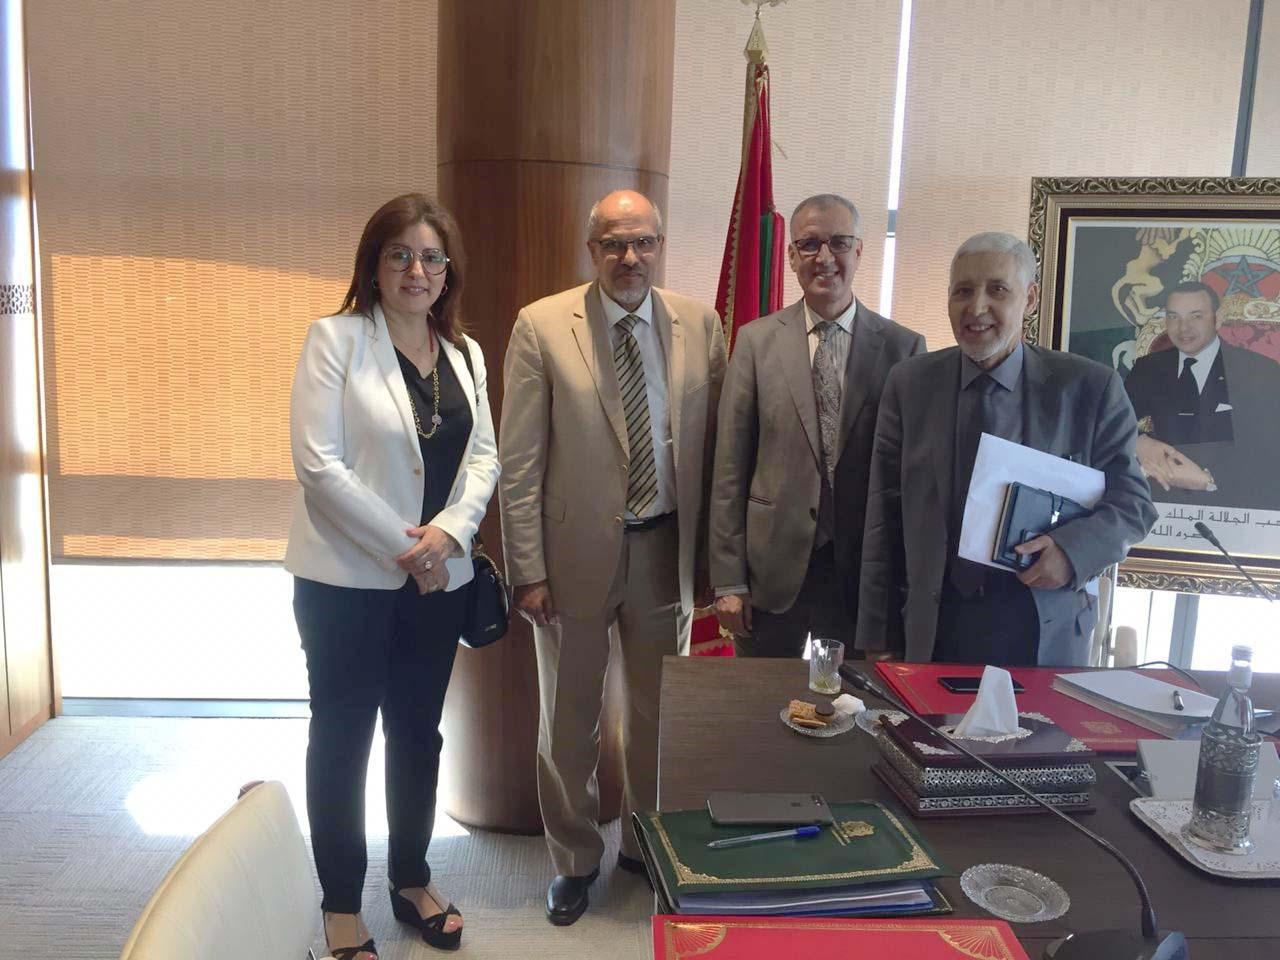 لقاء رئيس المجلس الوطني مع اللجنة المشتركة المكلفة بإصلاح منظومة التكوين الطبي